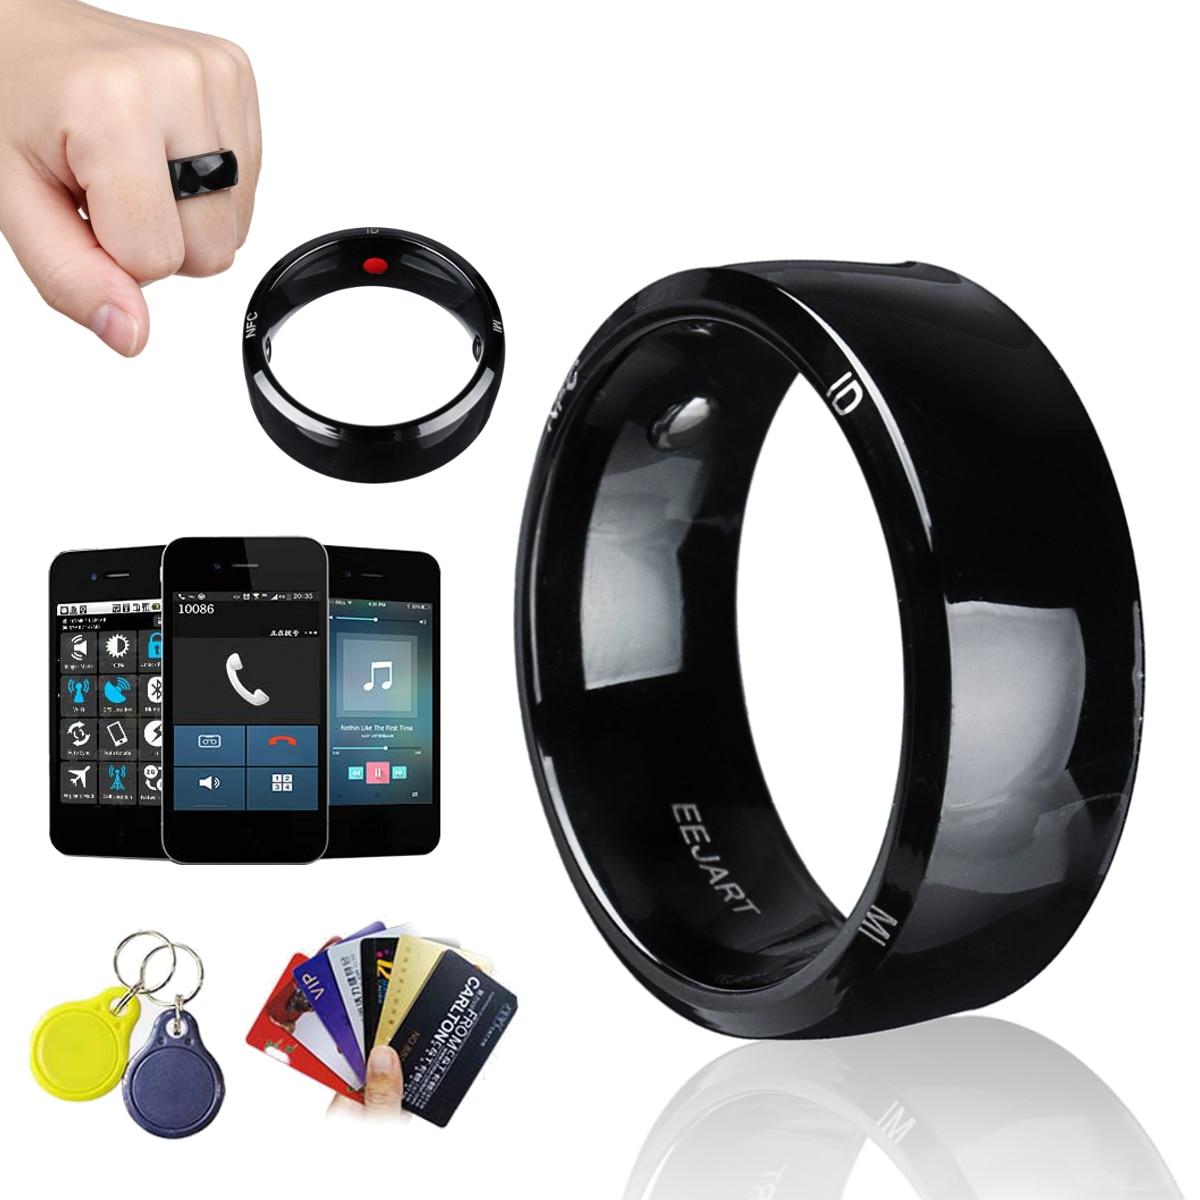 Schwarz Smart-Ring Wasserdicht für Hohe Geschwindigkeit NFC Elektronik Telefon mit aAndroid Kleine Magische Ring Entsperren Gesundheit Schutz Ringe